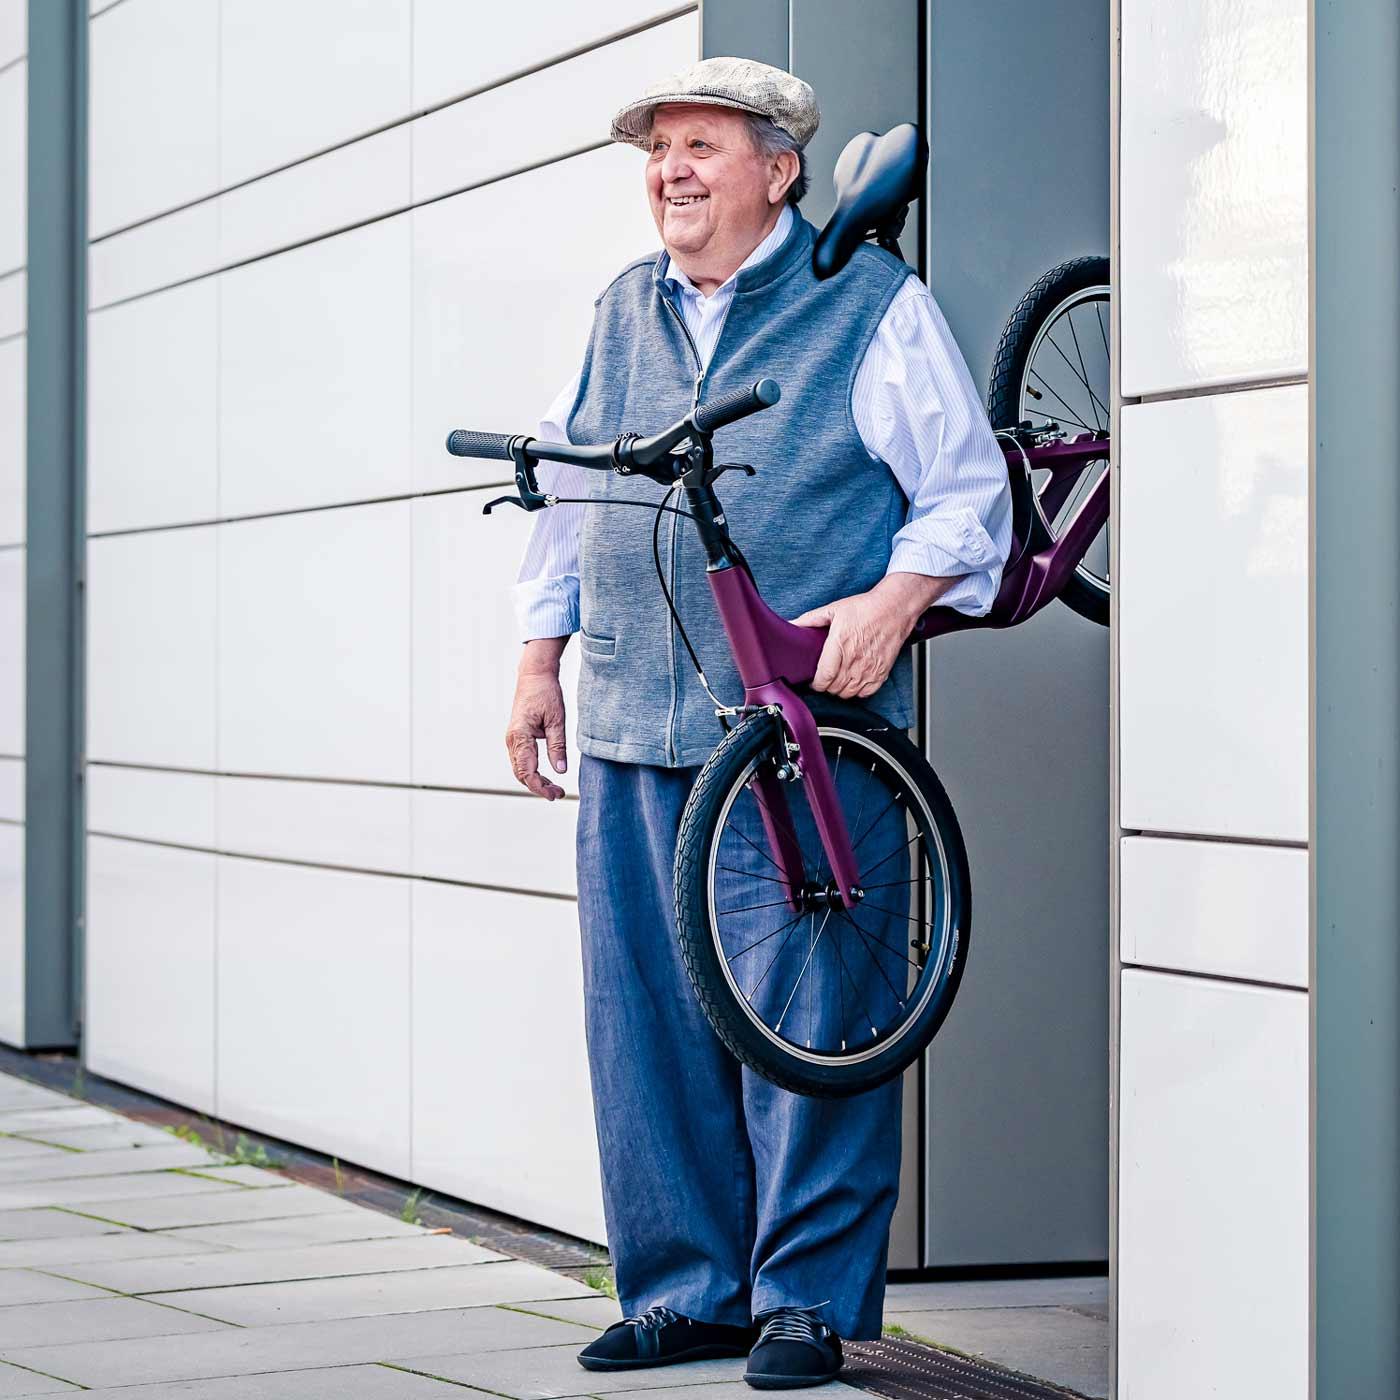 Mann trägt federleichtes Laufrad aus Carbon